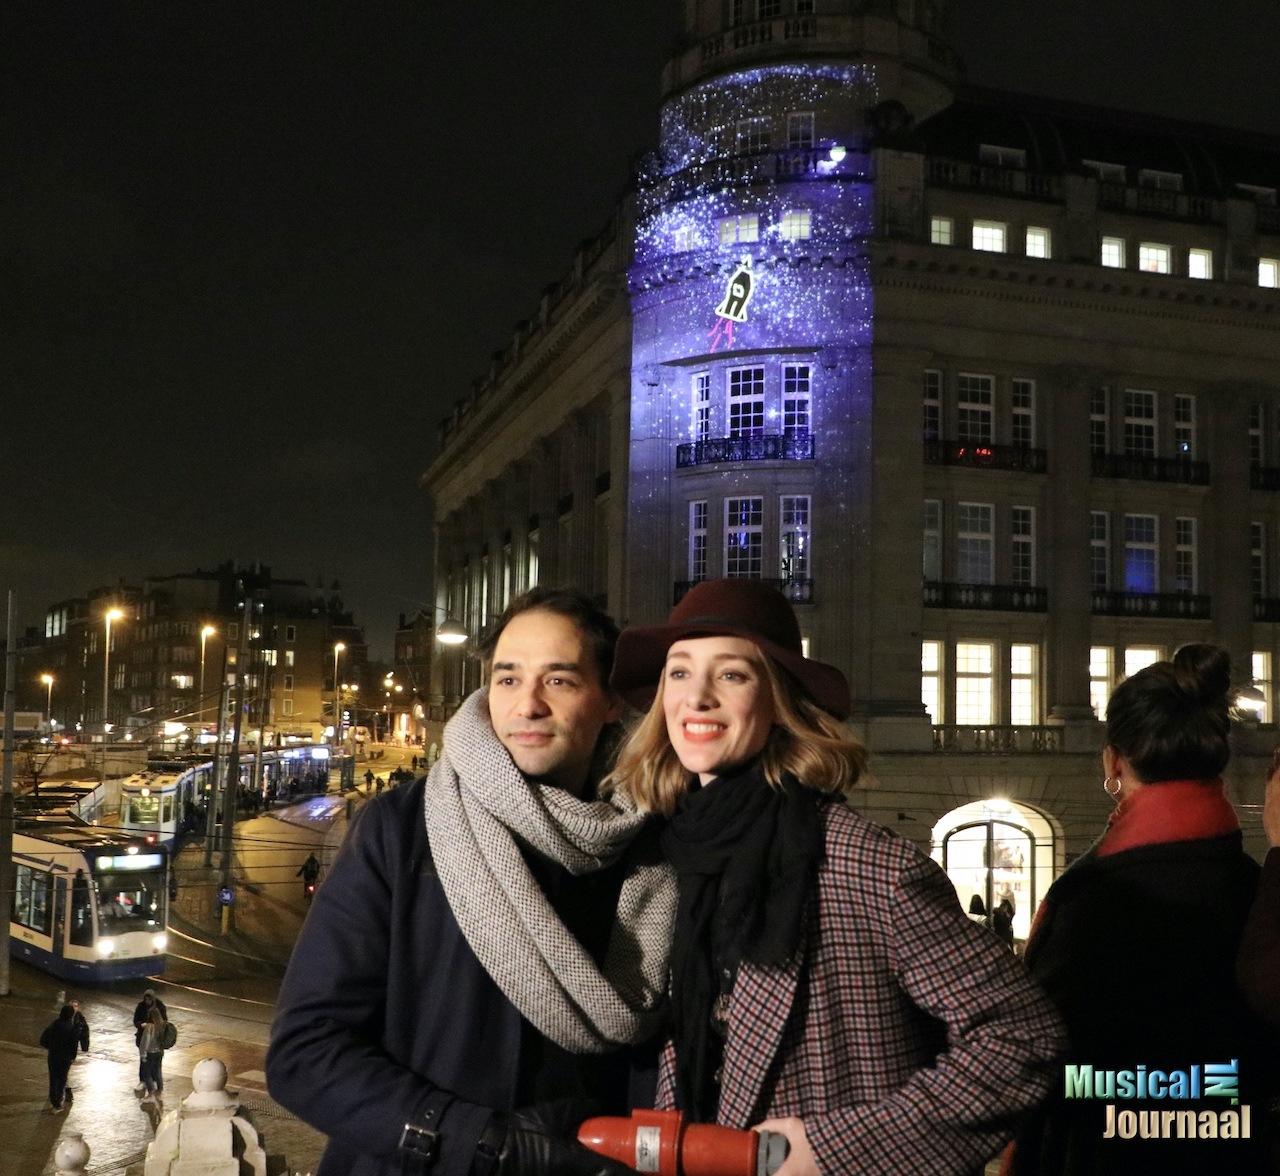 Hoofdrolspelers 'Lazarus' onthullen groots eerbetoon aan David Bowie op het Leidseplein in Amsterdam